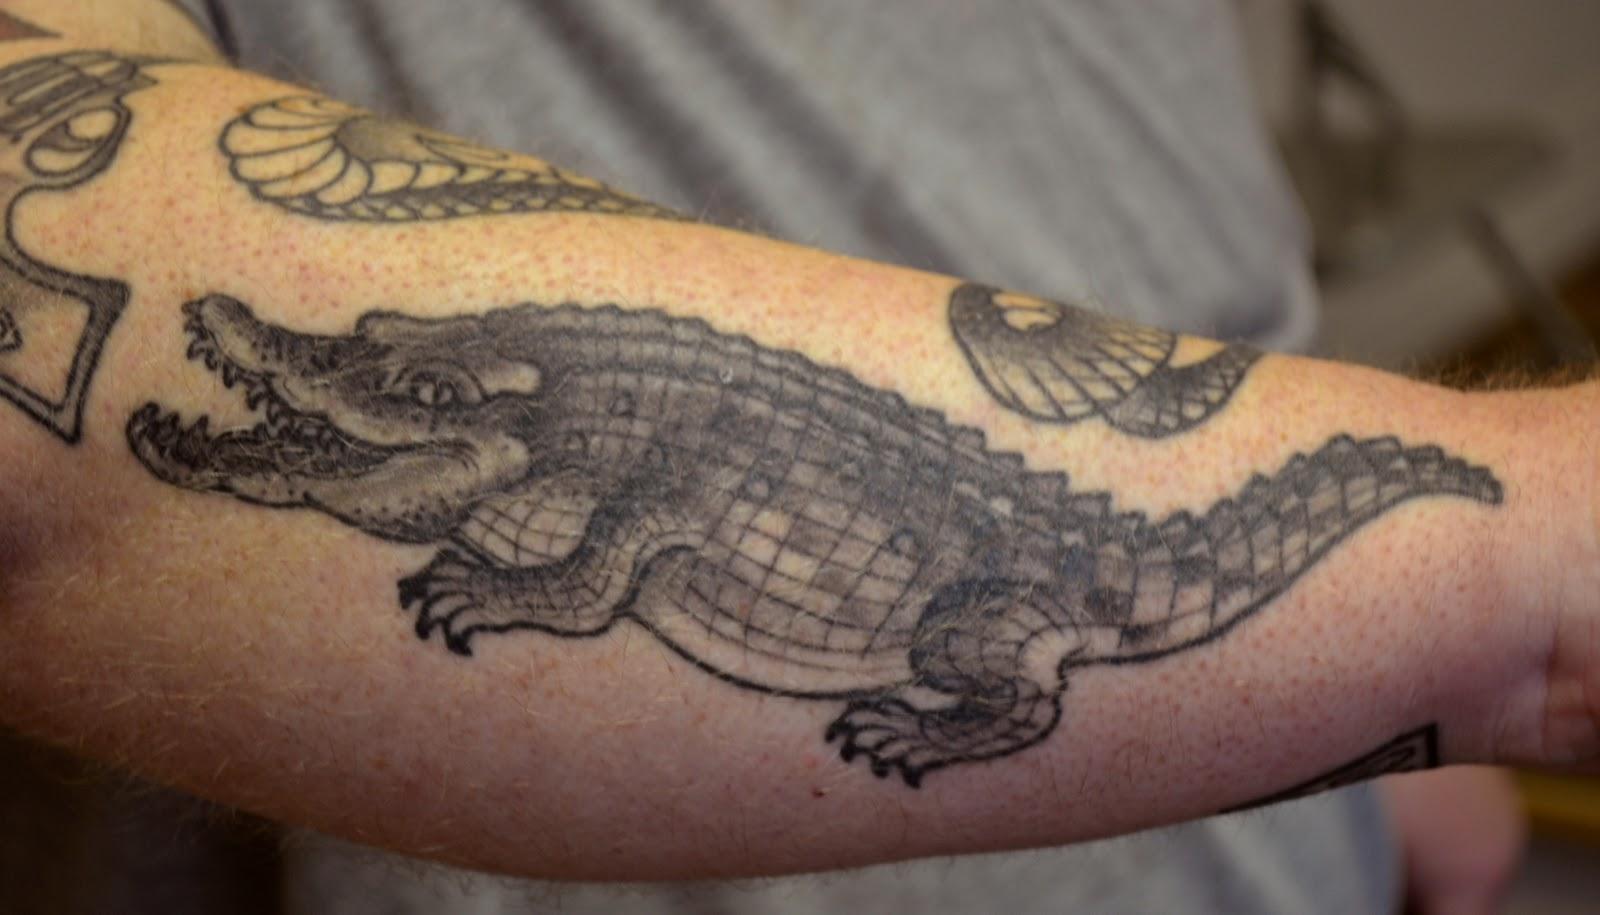 Alligator Tattoos